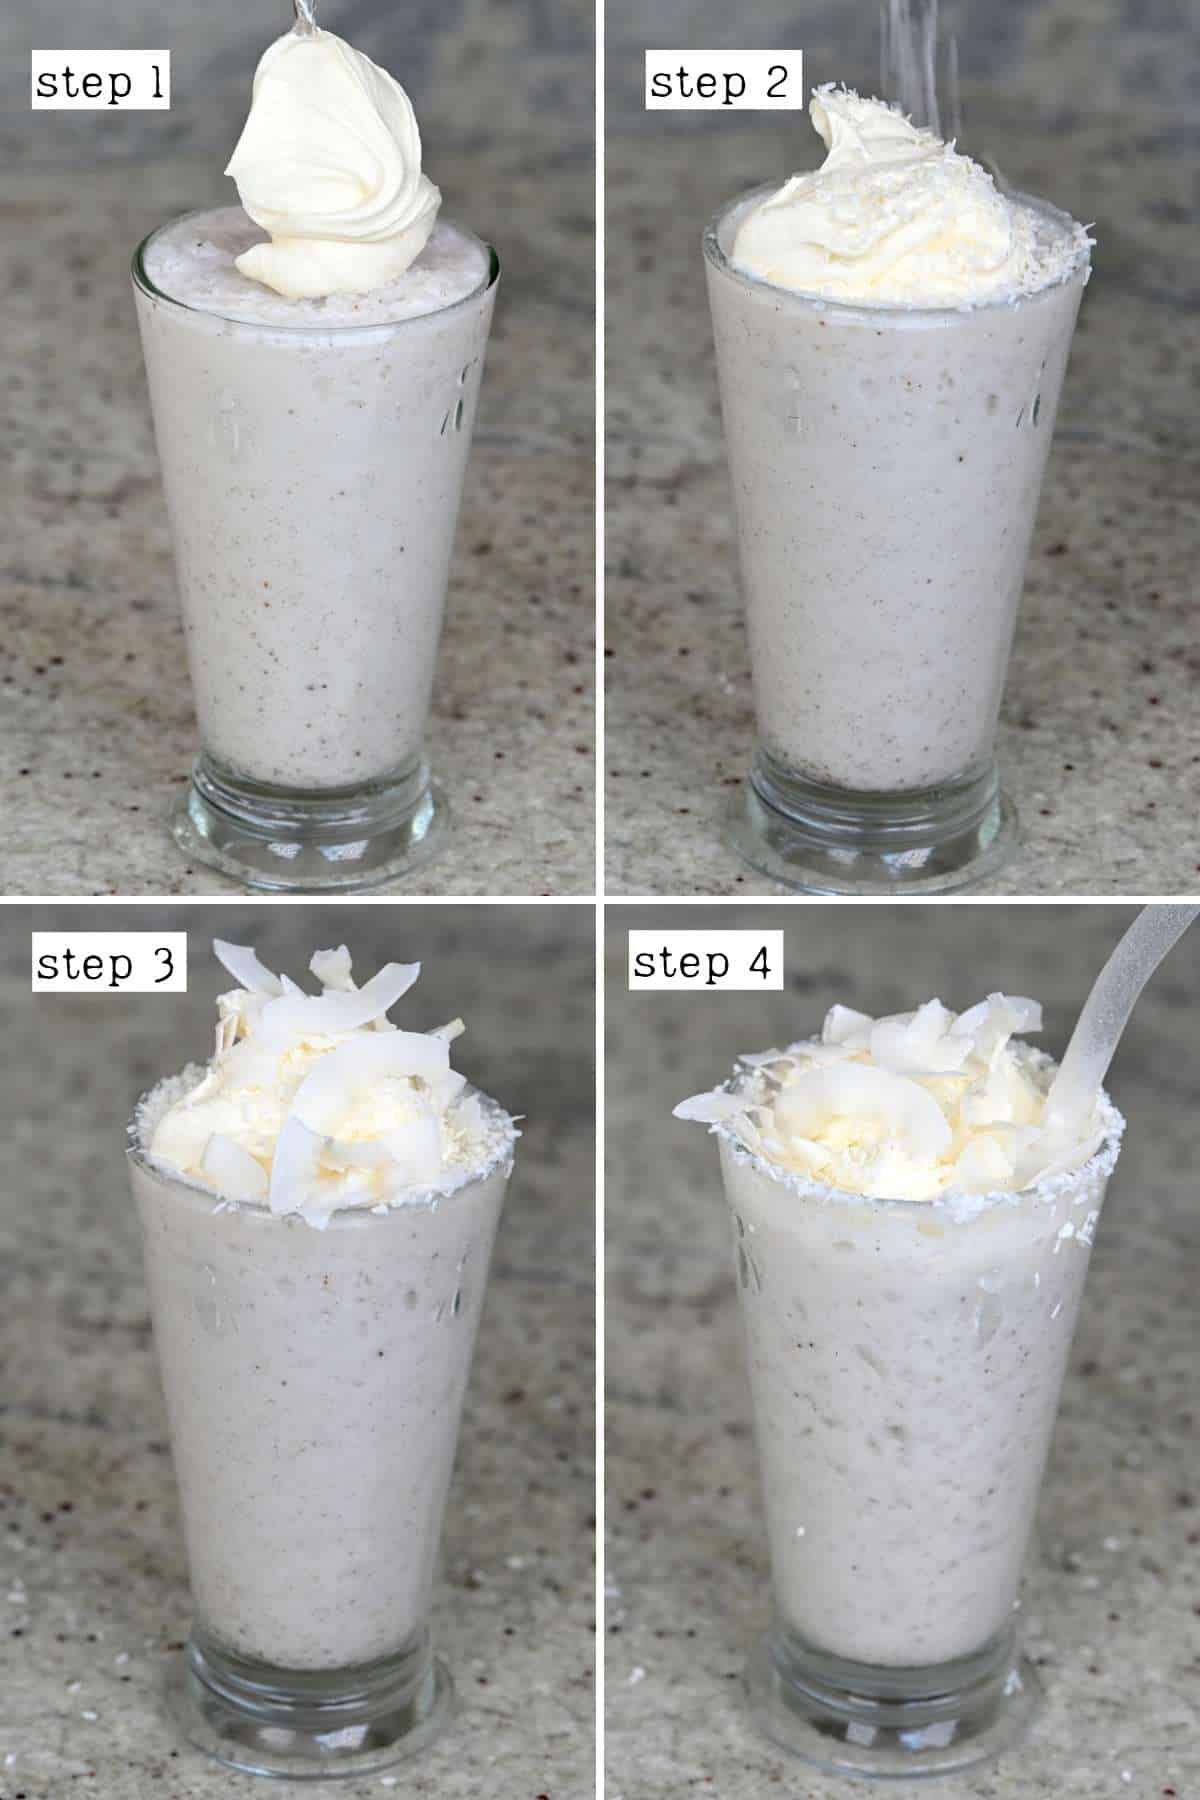 Steps for serving coconut frappe